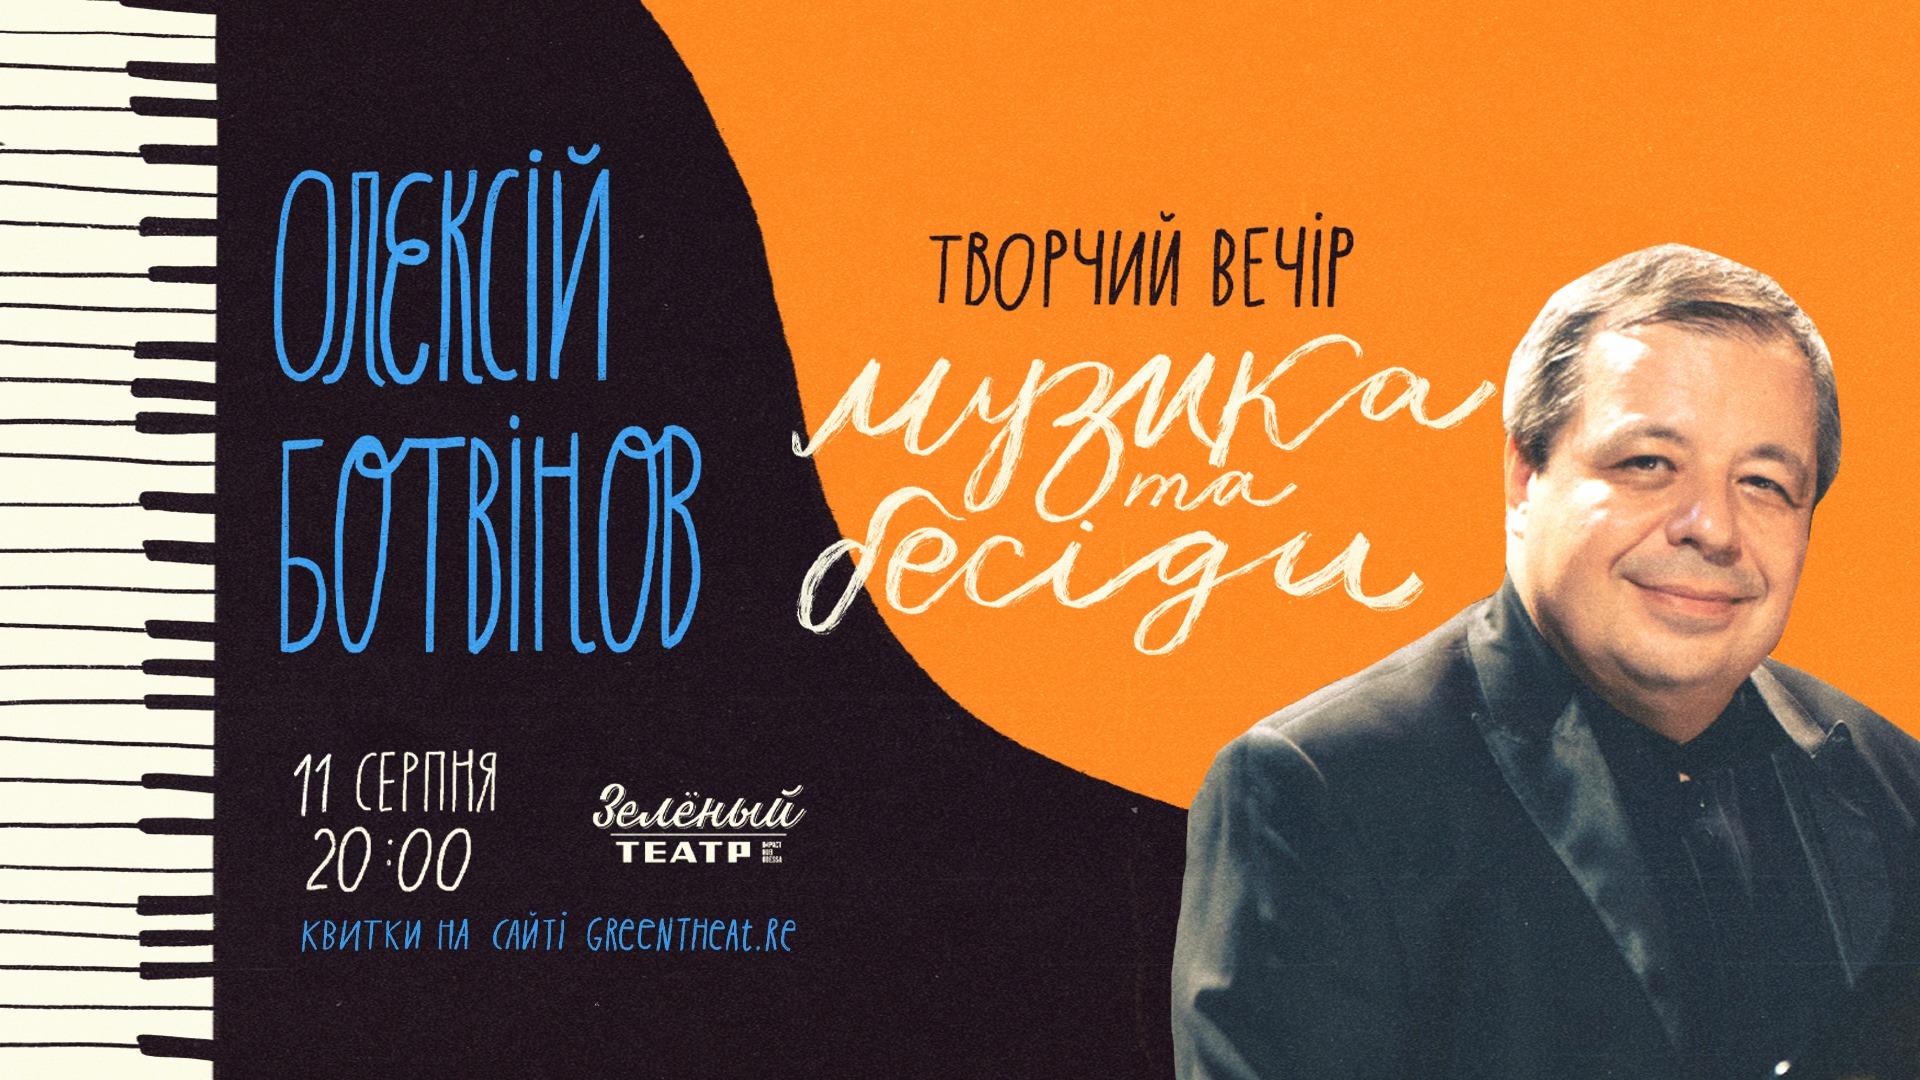 Творческий вечер Алексея Ботвинова «Музыка и беседы»